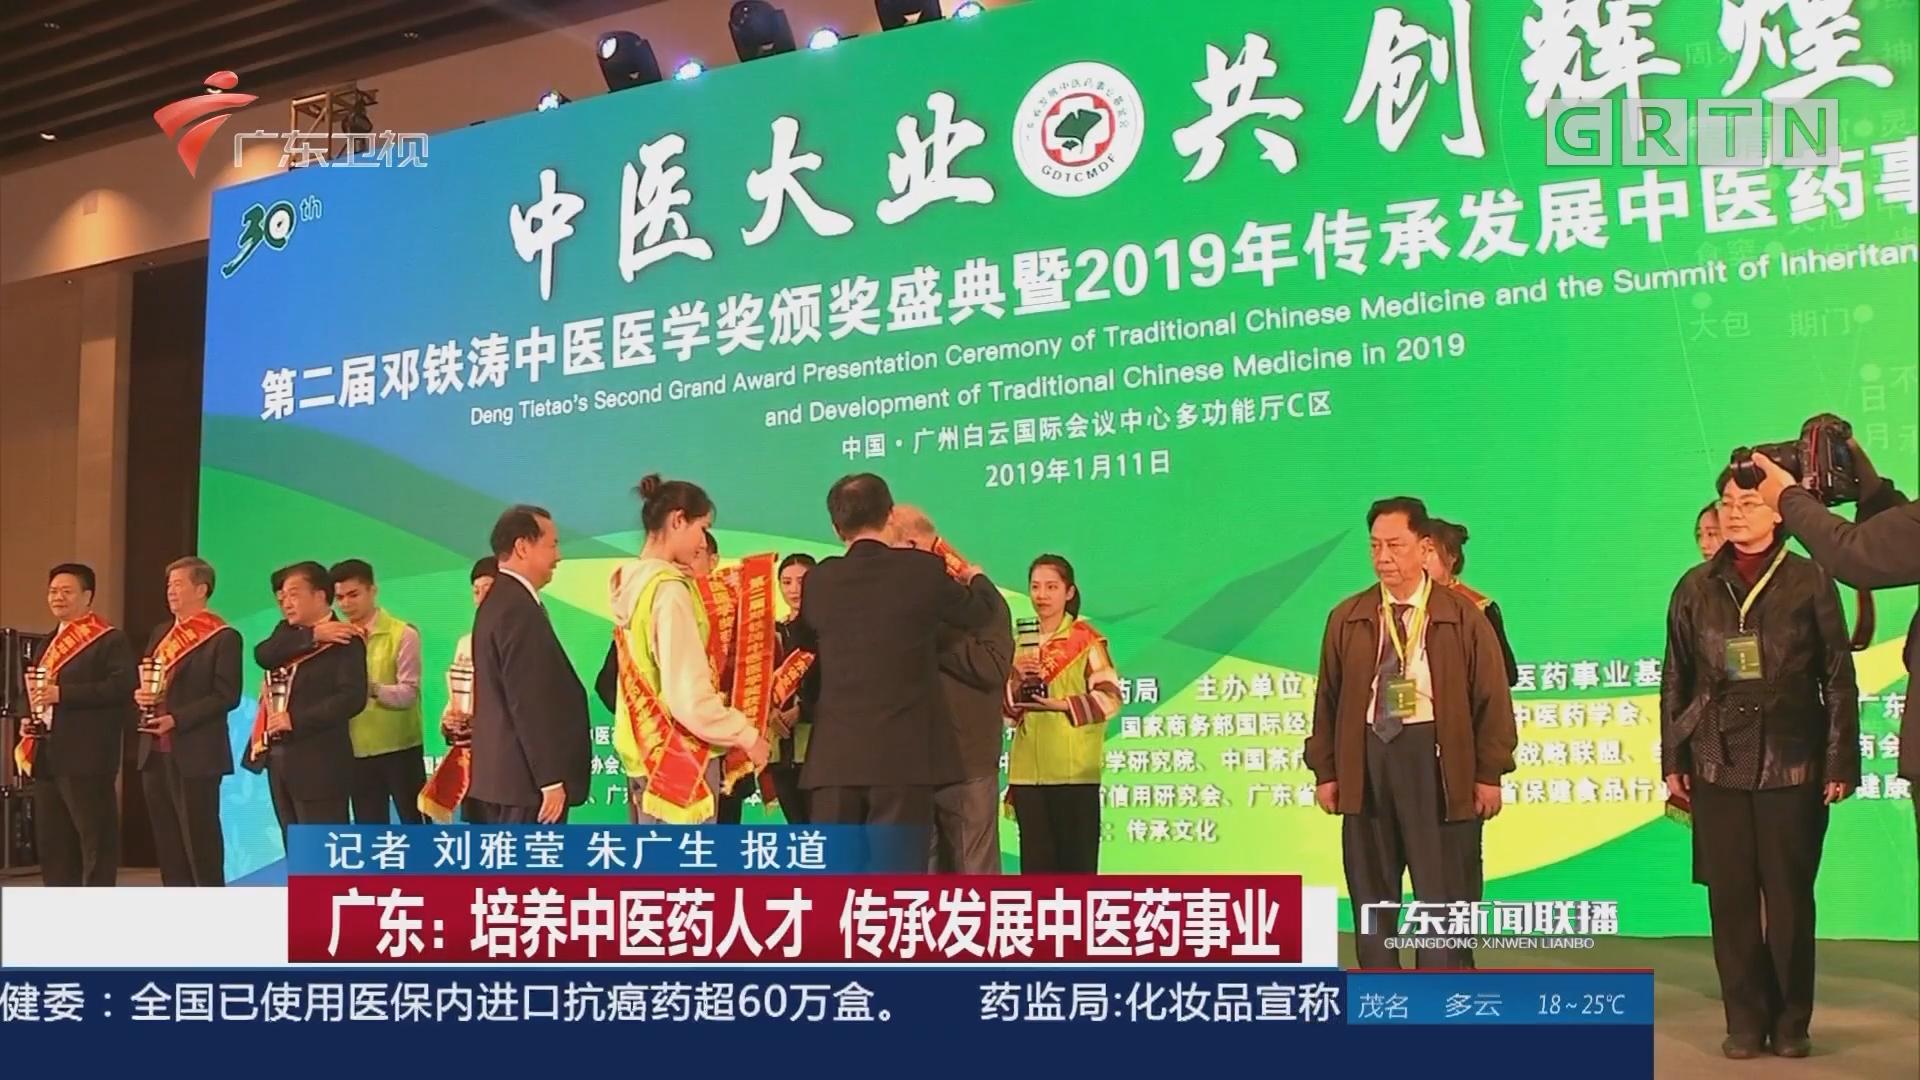 广东:培养中医药人才 传承发展中医药事业